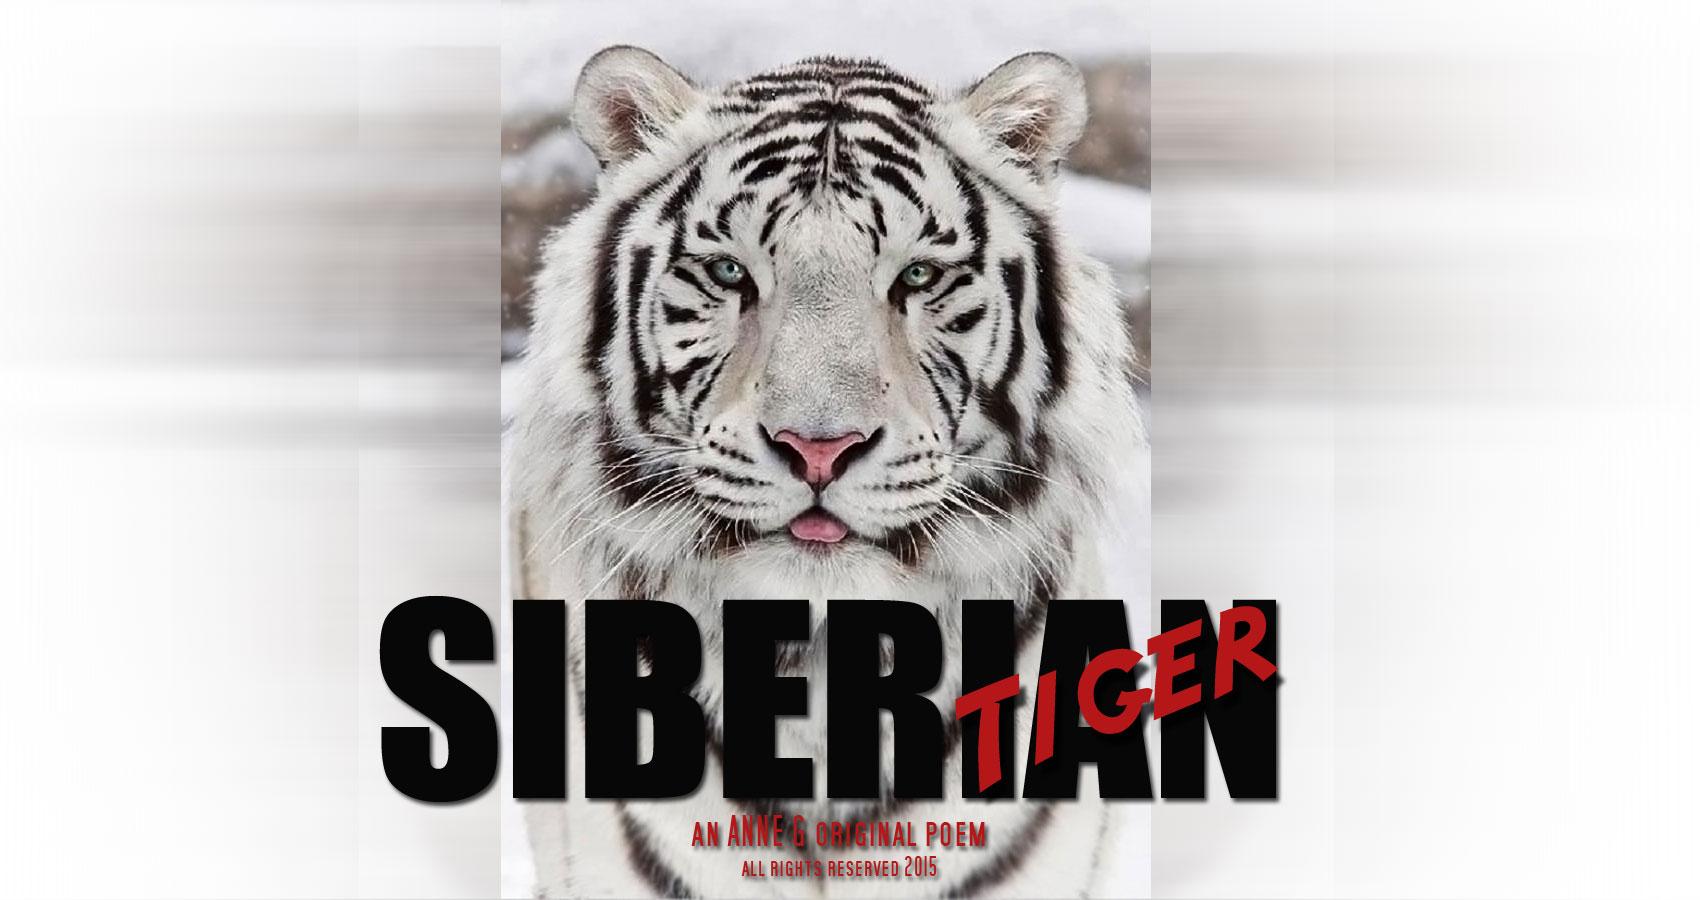 Siberian Tiger an Anne G Original Poem at spillwords.com